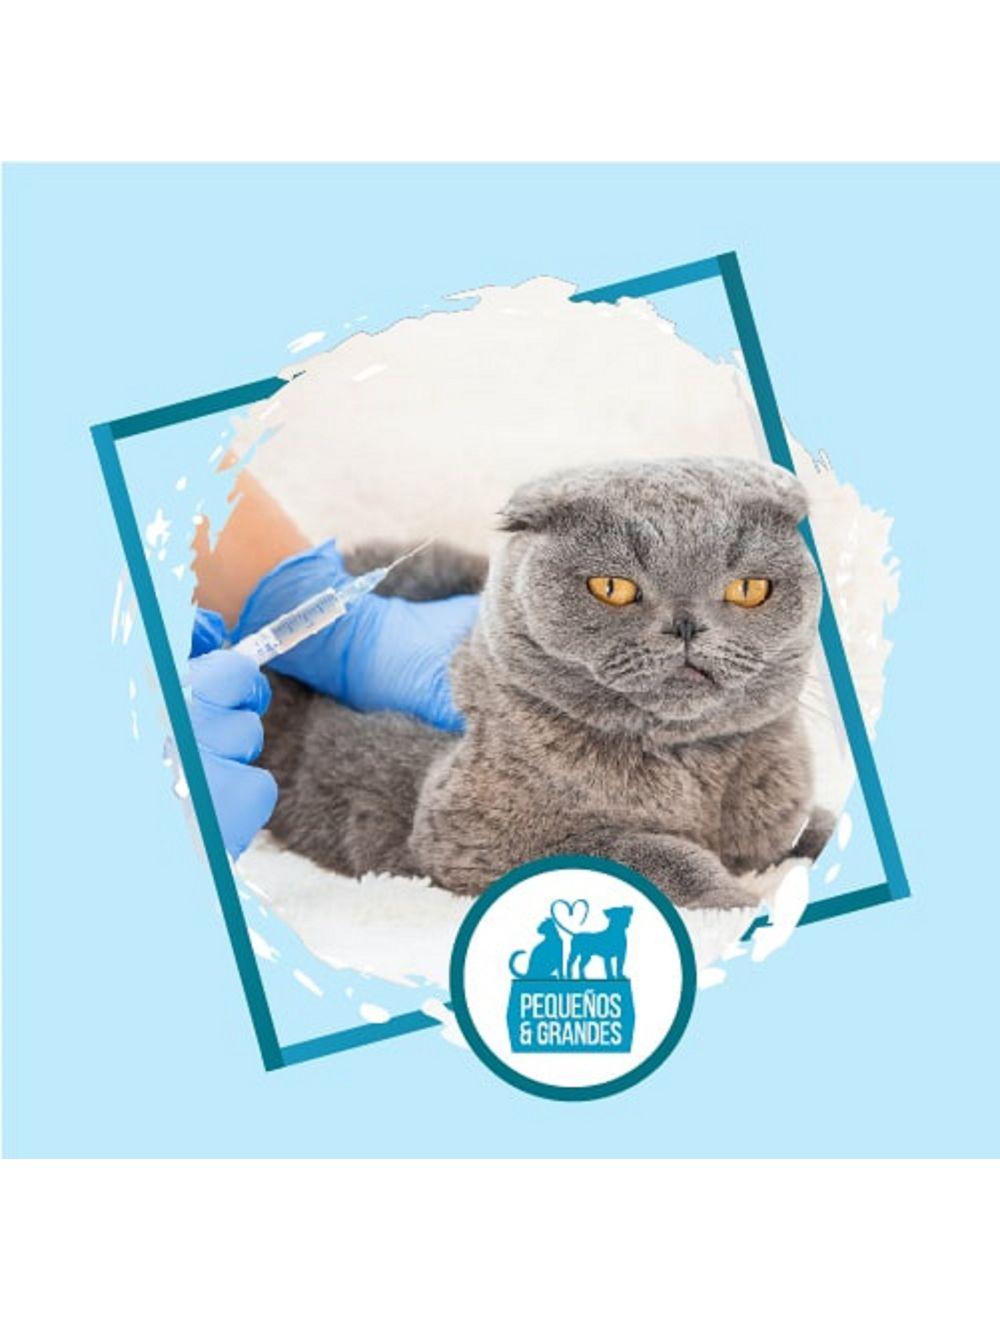 Vacunación a domicilio Gato - Refuerzo de Adultos - Ciudaddemascotas.com